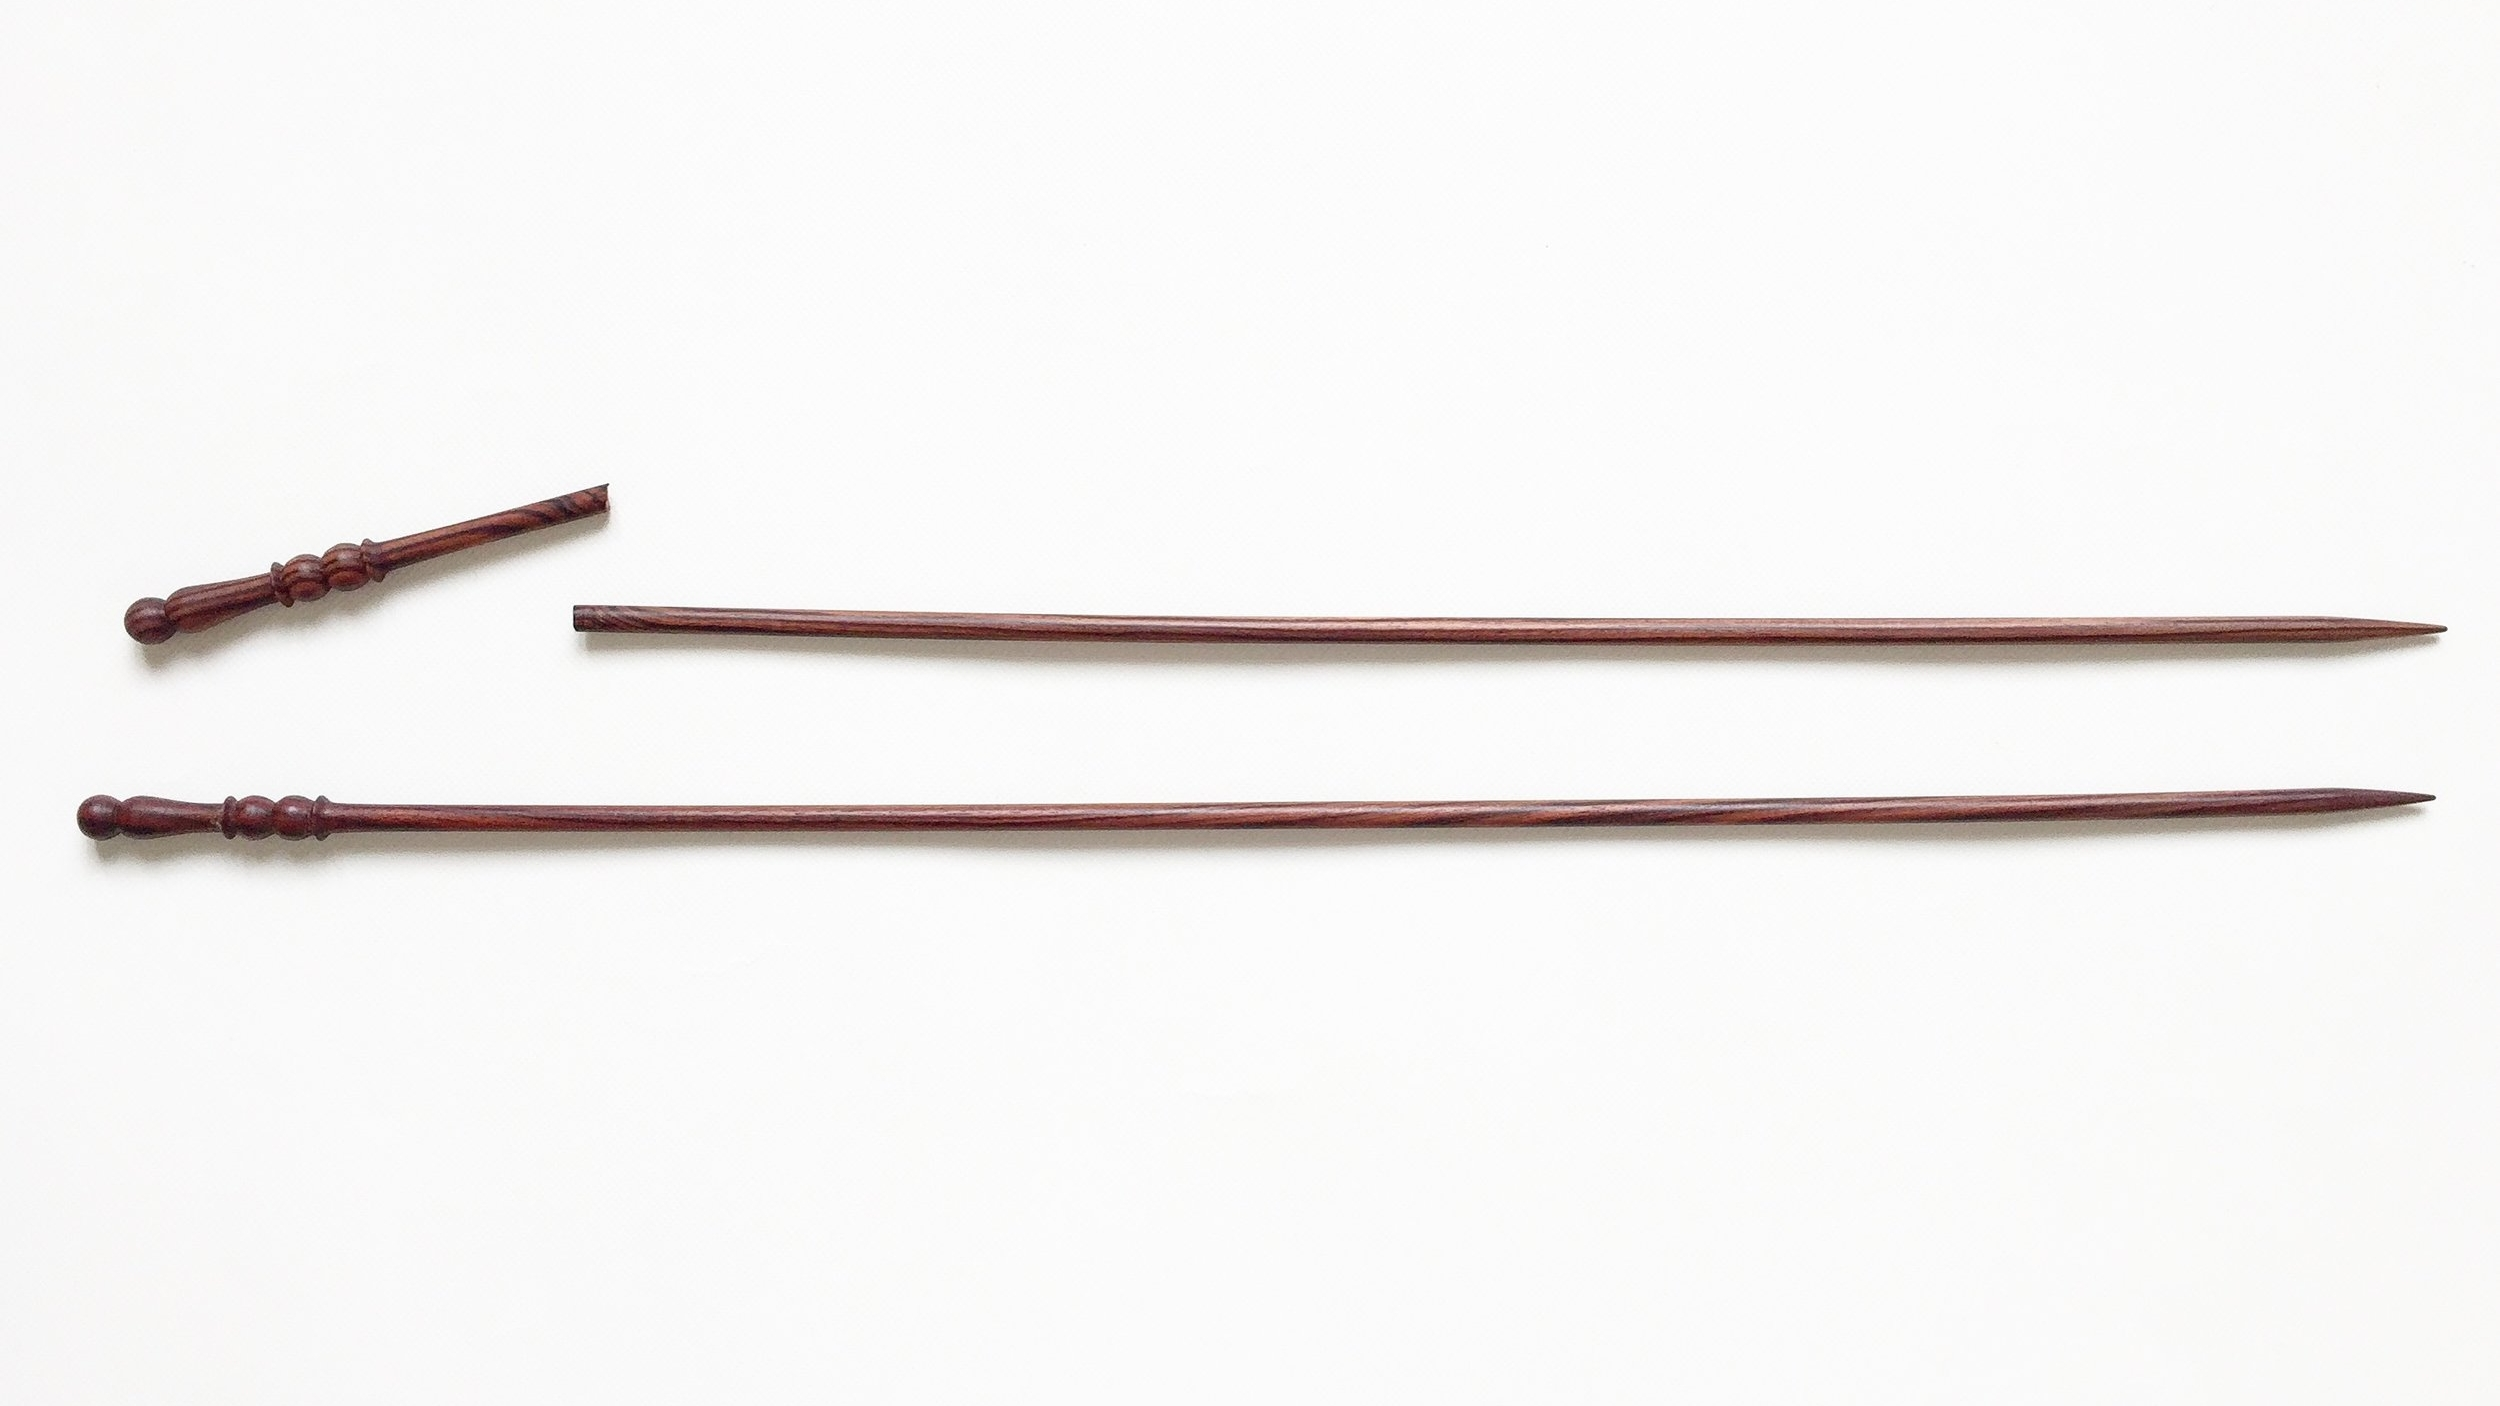 Montana Mountain Knitting needles review